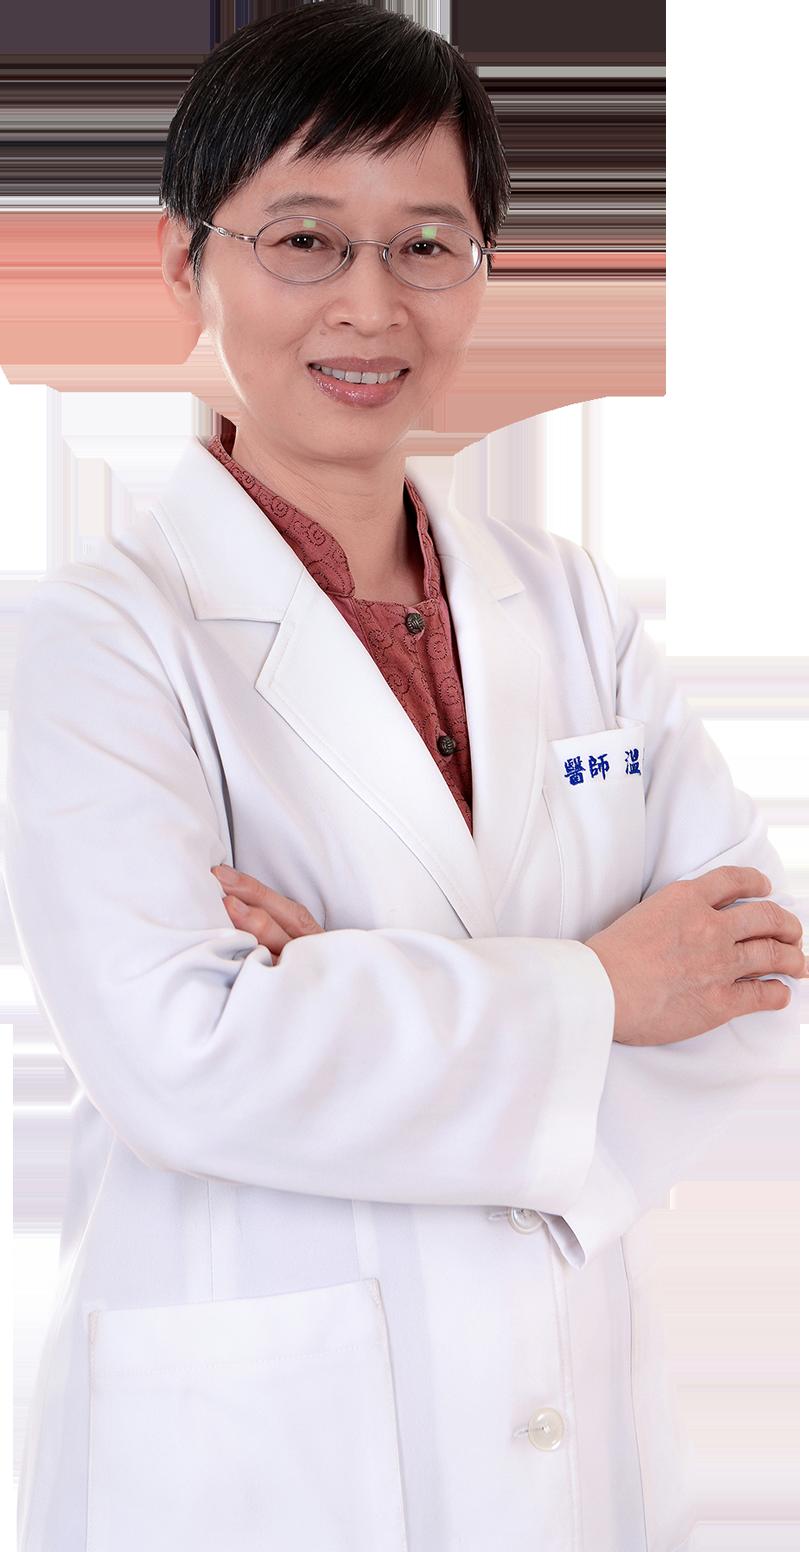 溫嬪容醫師: 在針灸過程中 欣賞宇宙奧妙